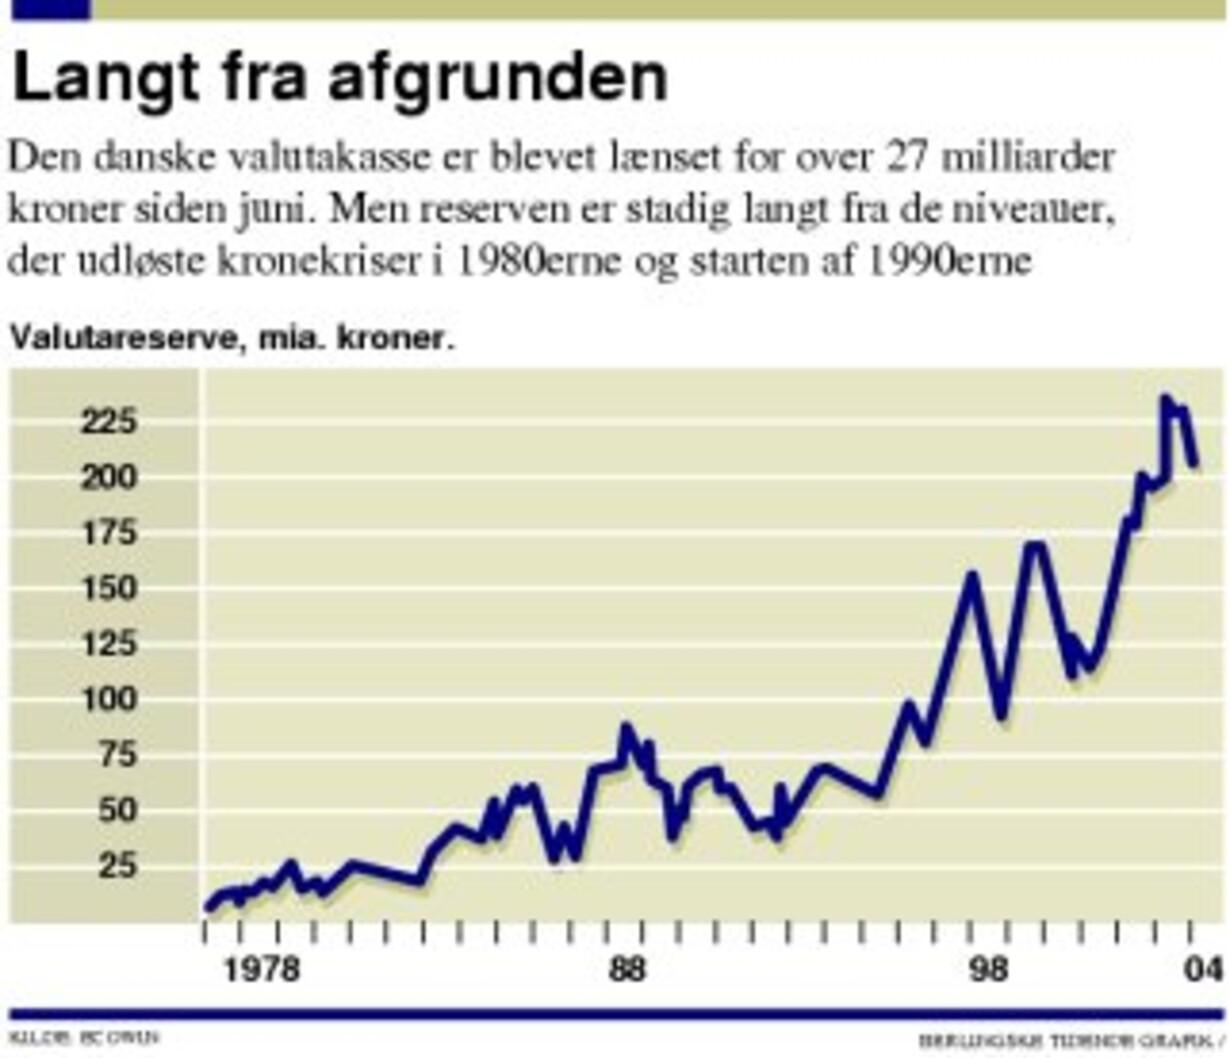 Pengeflugten fra Danmark fortsætter - 1